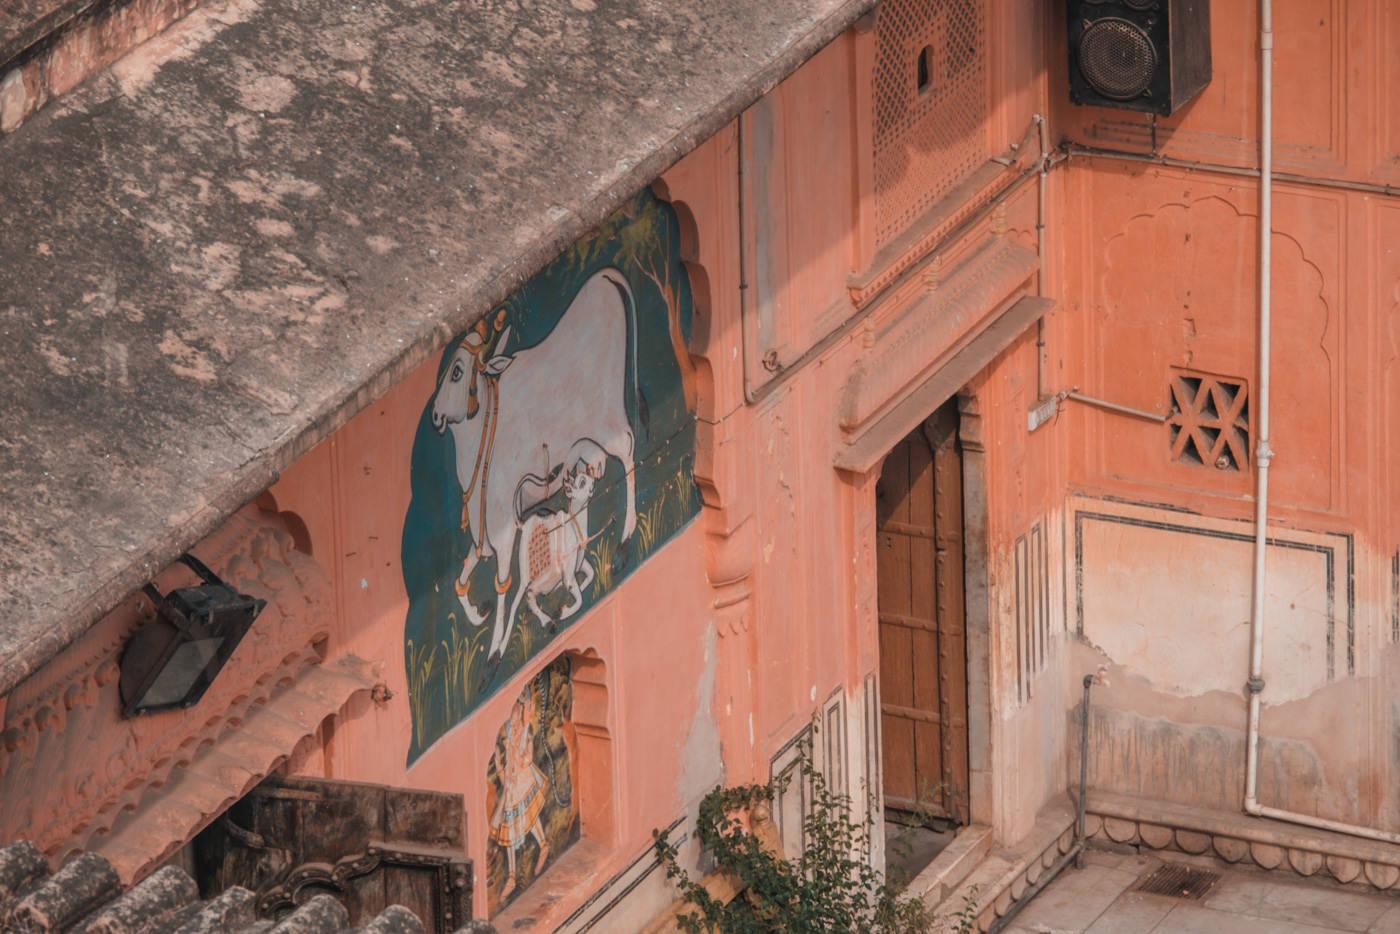 Wandgemälde im Hawa Mahal in Jaipur